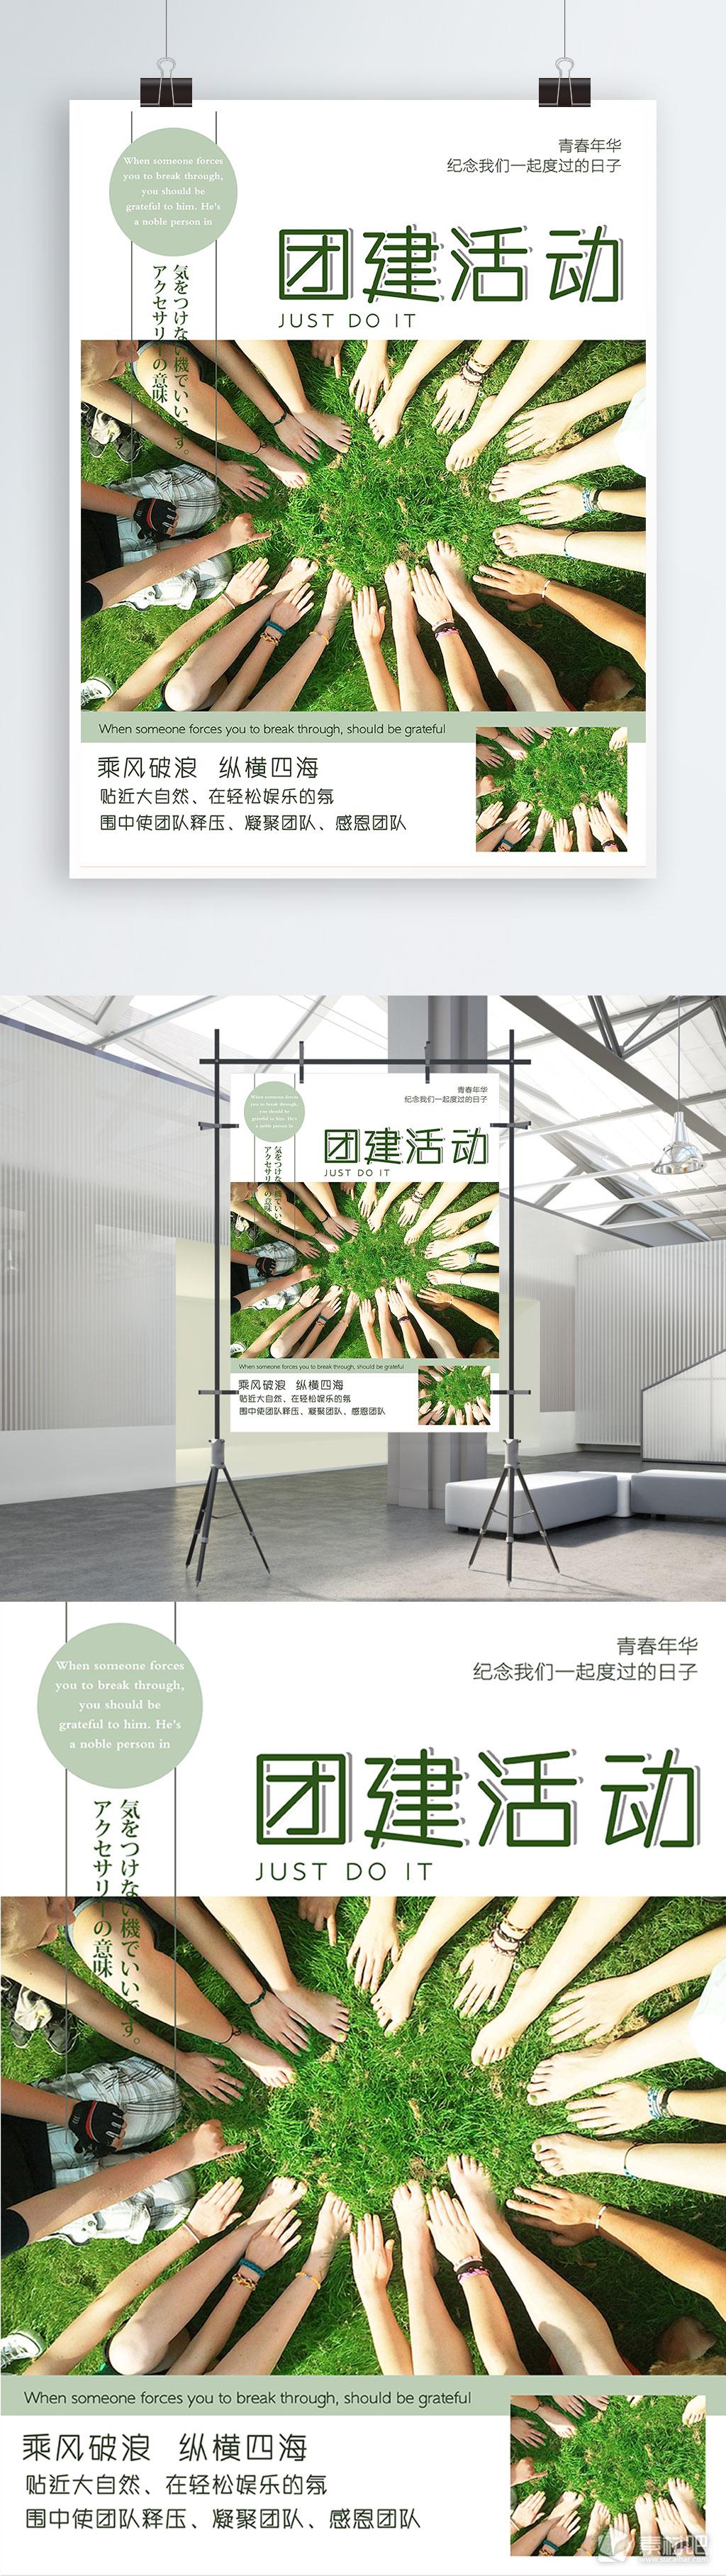 白色简约小清新企业团建活动宣传海报